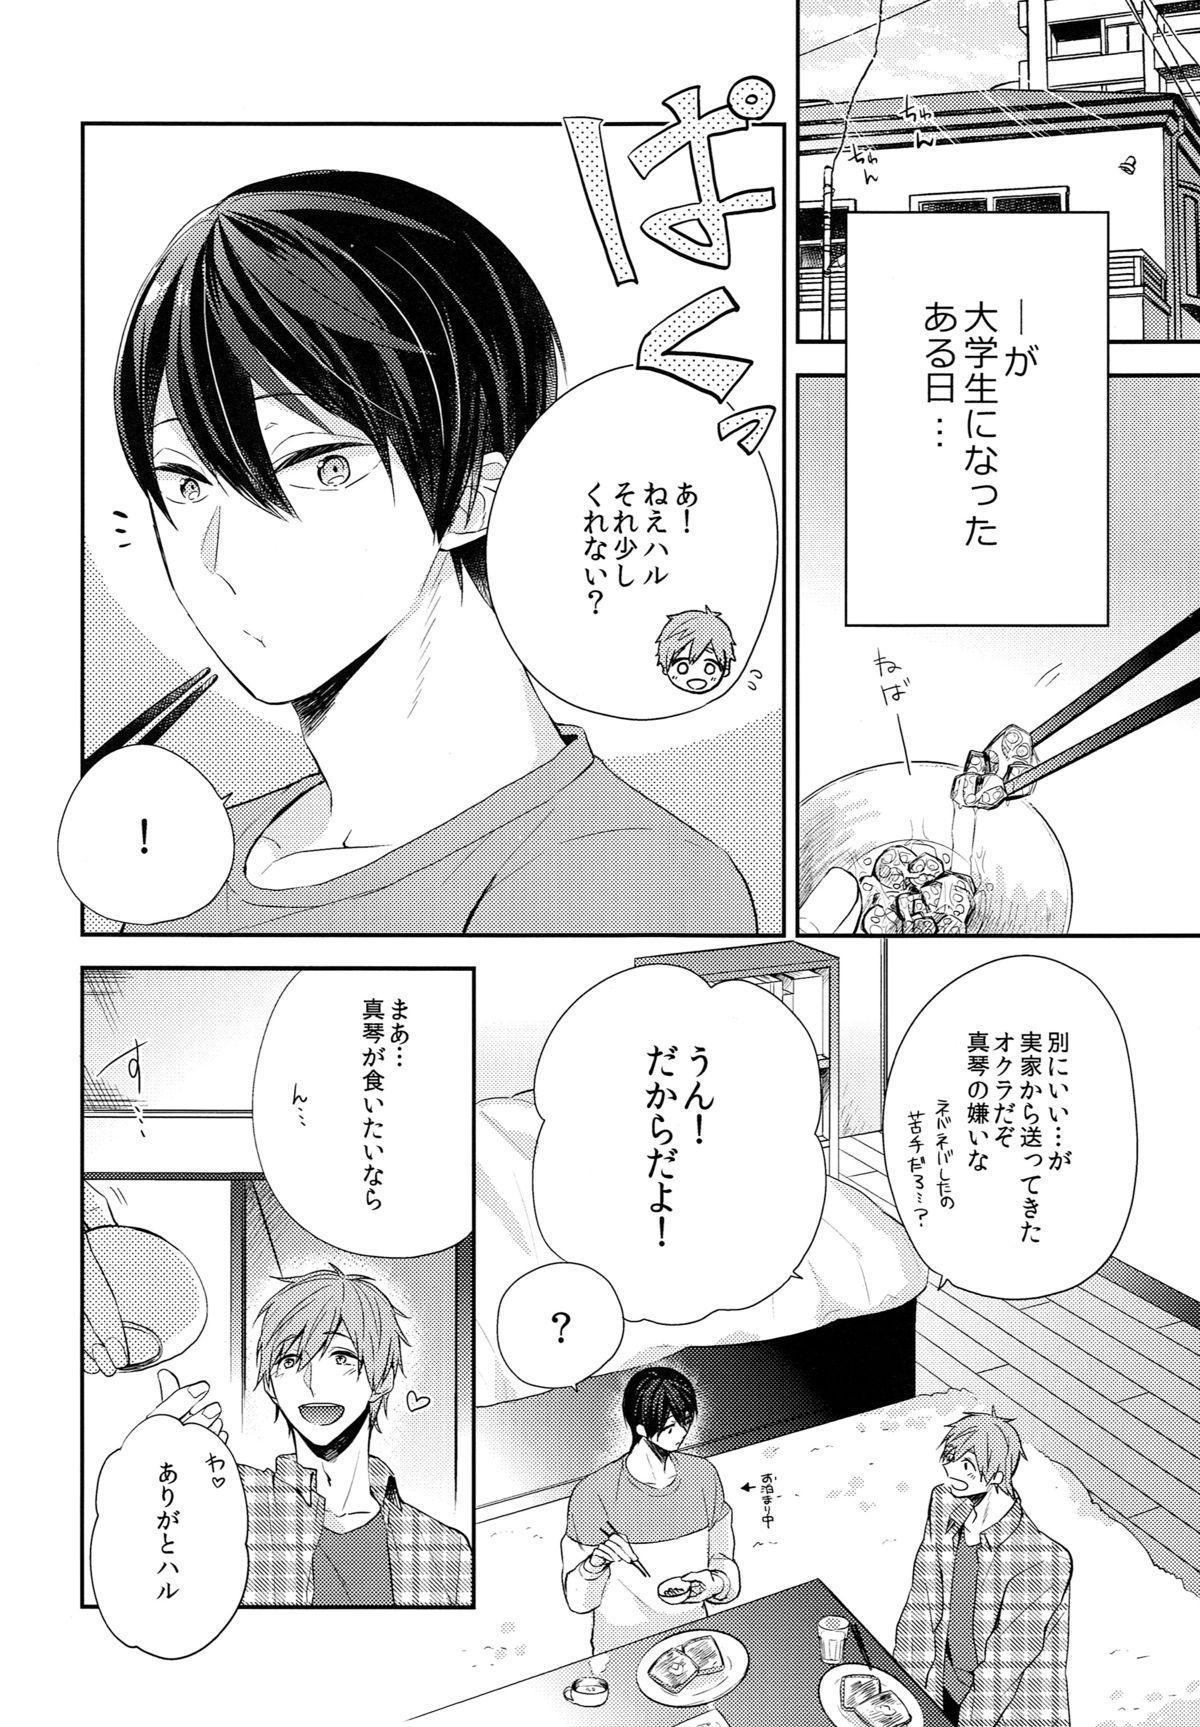 Tsunagaru Heart 4